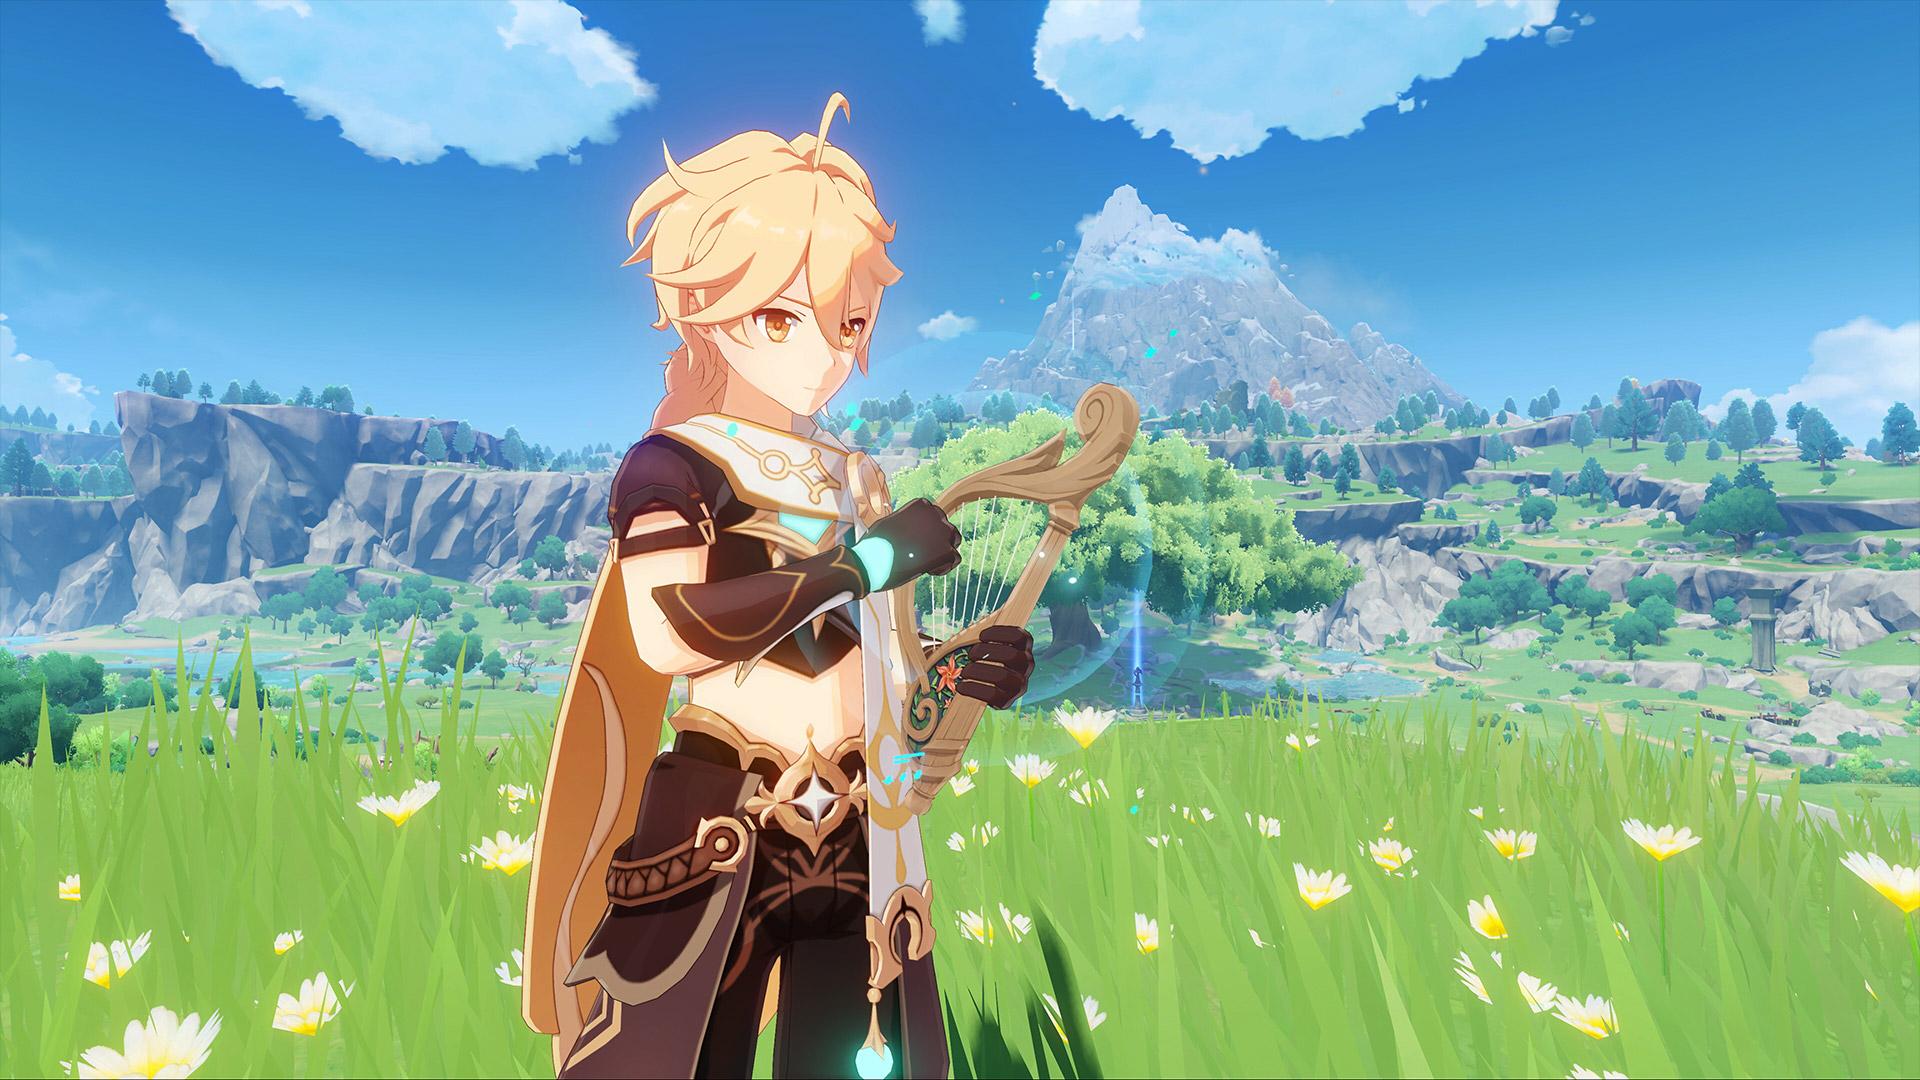 Genshin Impact Traveler Playing Music